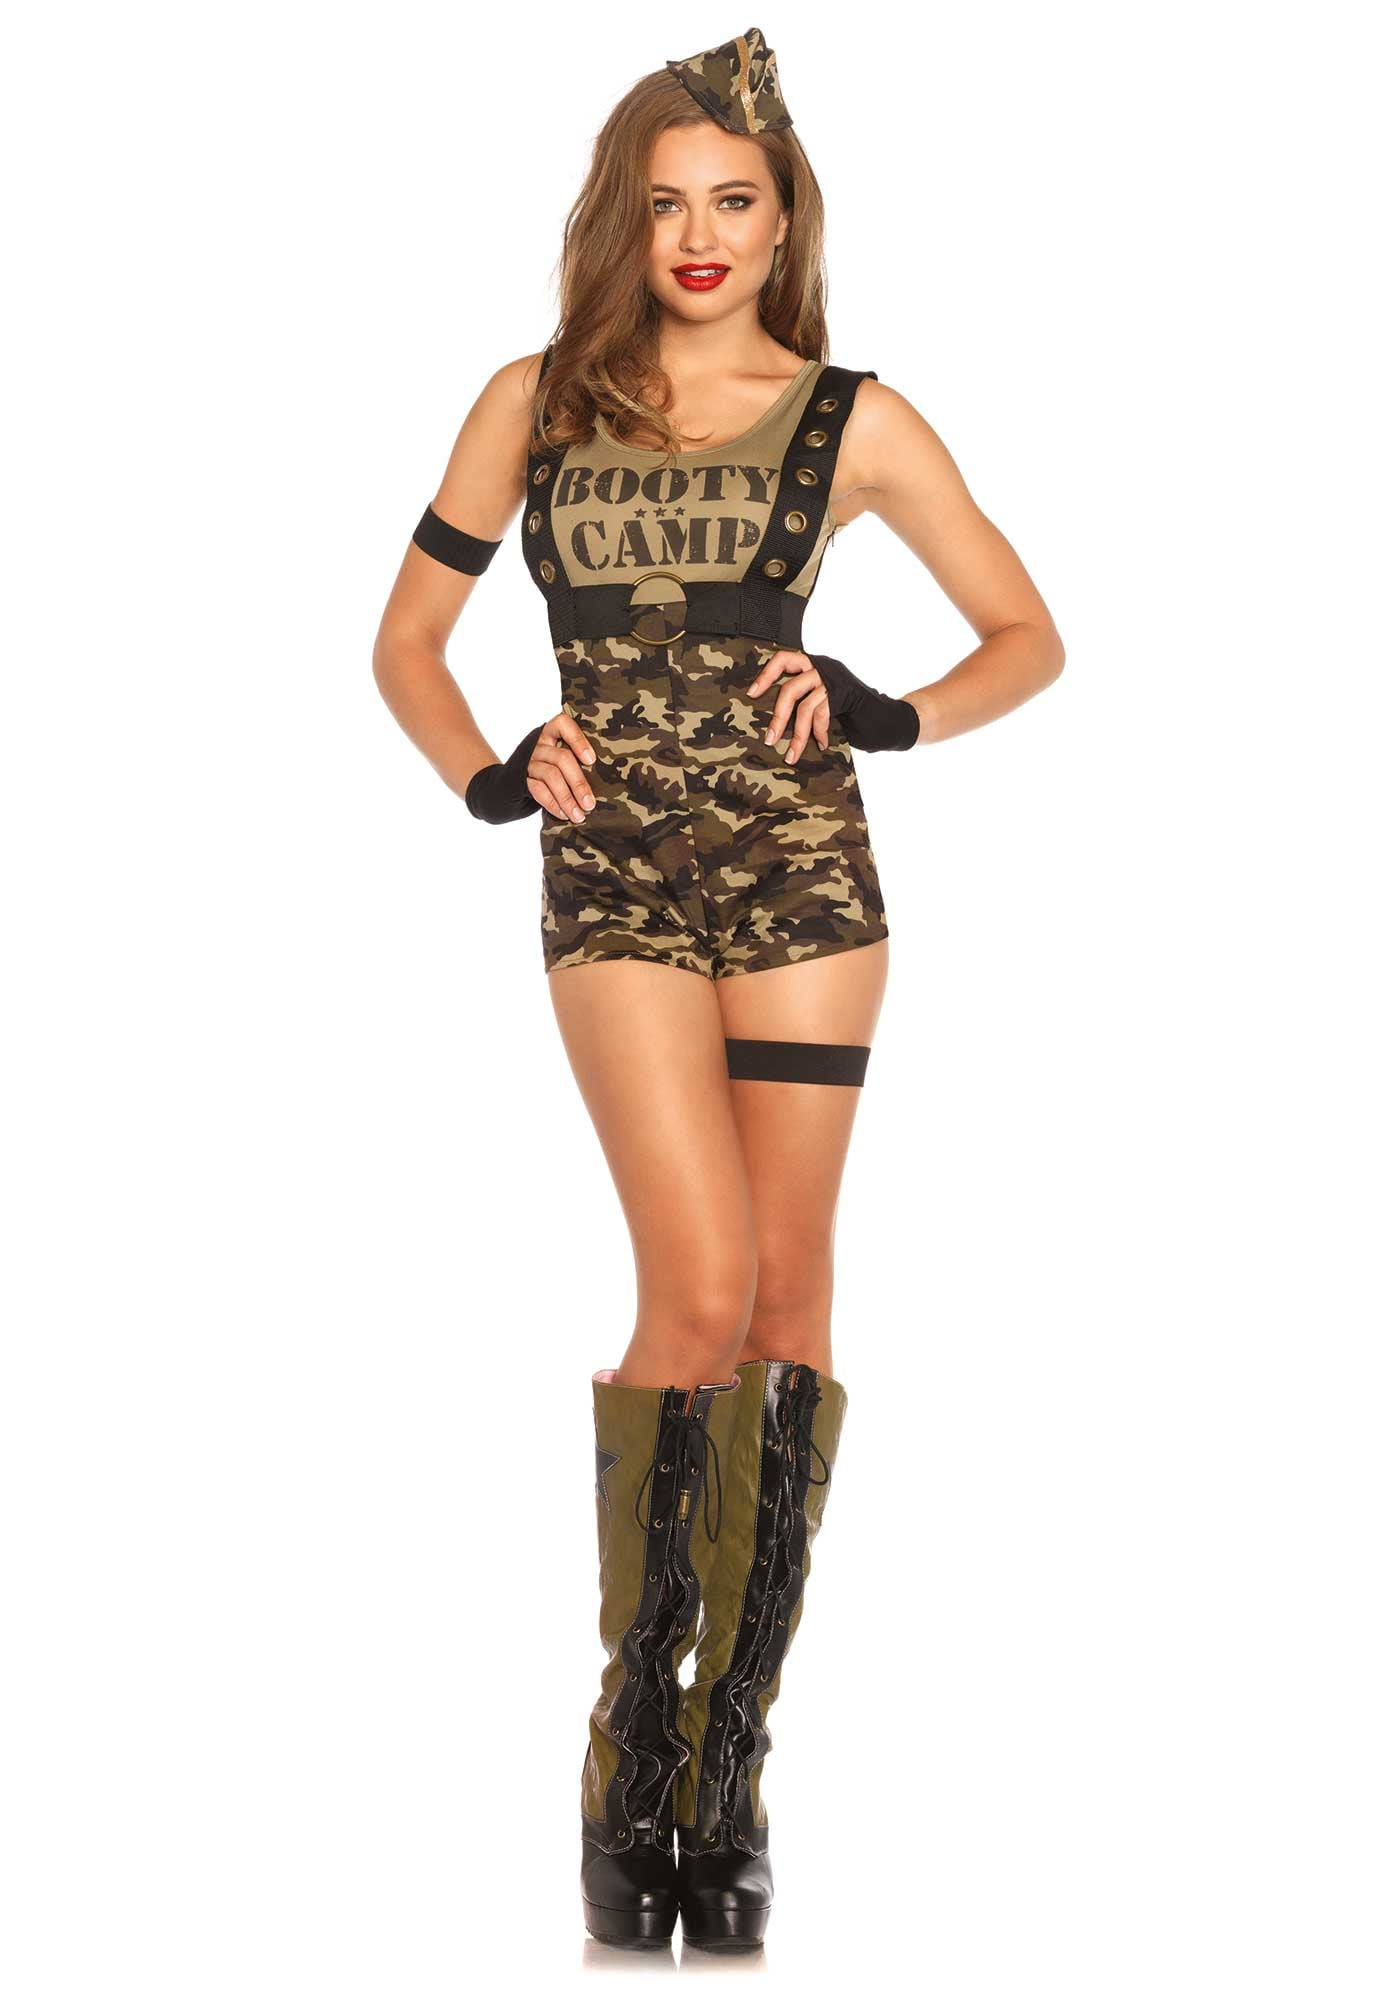 Booty Camp Sexy Soldaten Trainer Dame Vrouw Kostuum